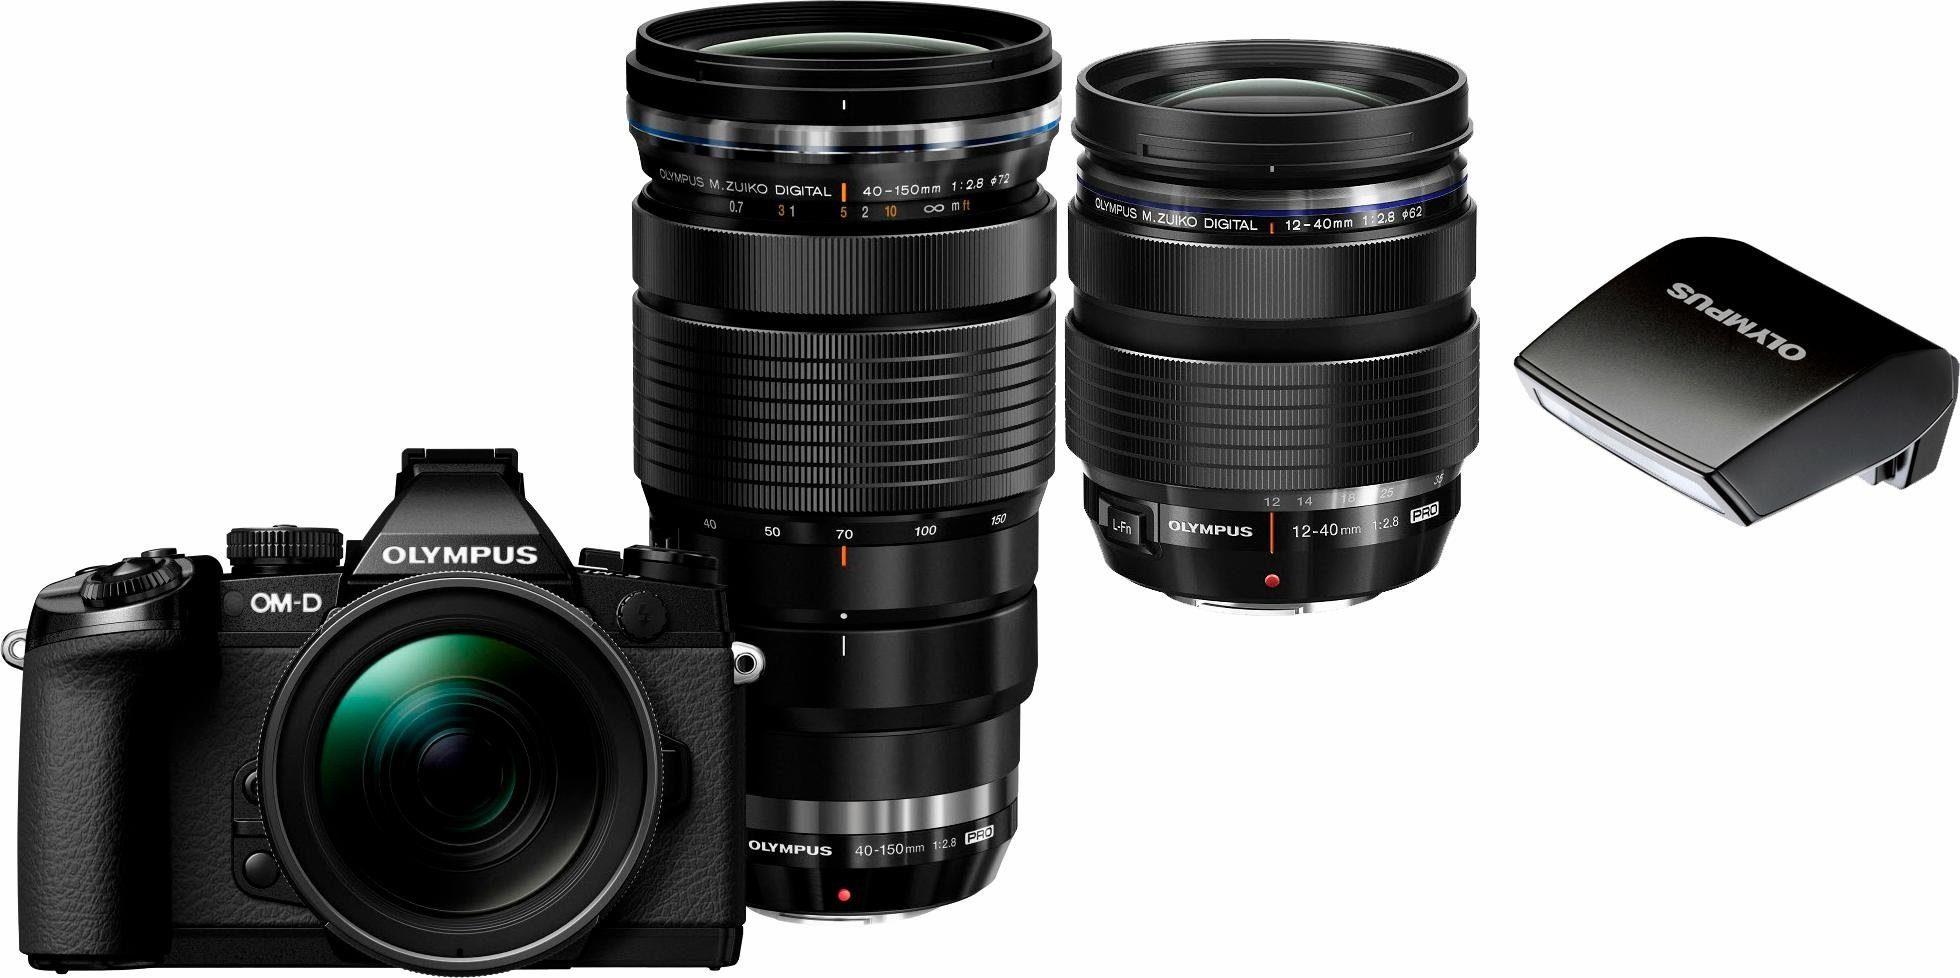 Olympus E-M1 OM-D Set System Kamera, inkl. 2 M.ZUIKO DIGITAL PRO Objektive (12-40mm & 40-150mm), 16,3 MP